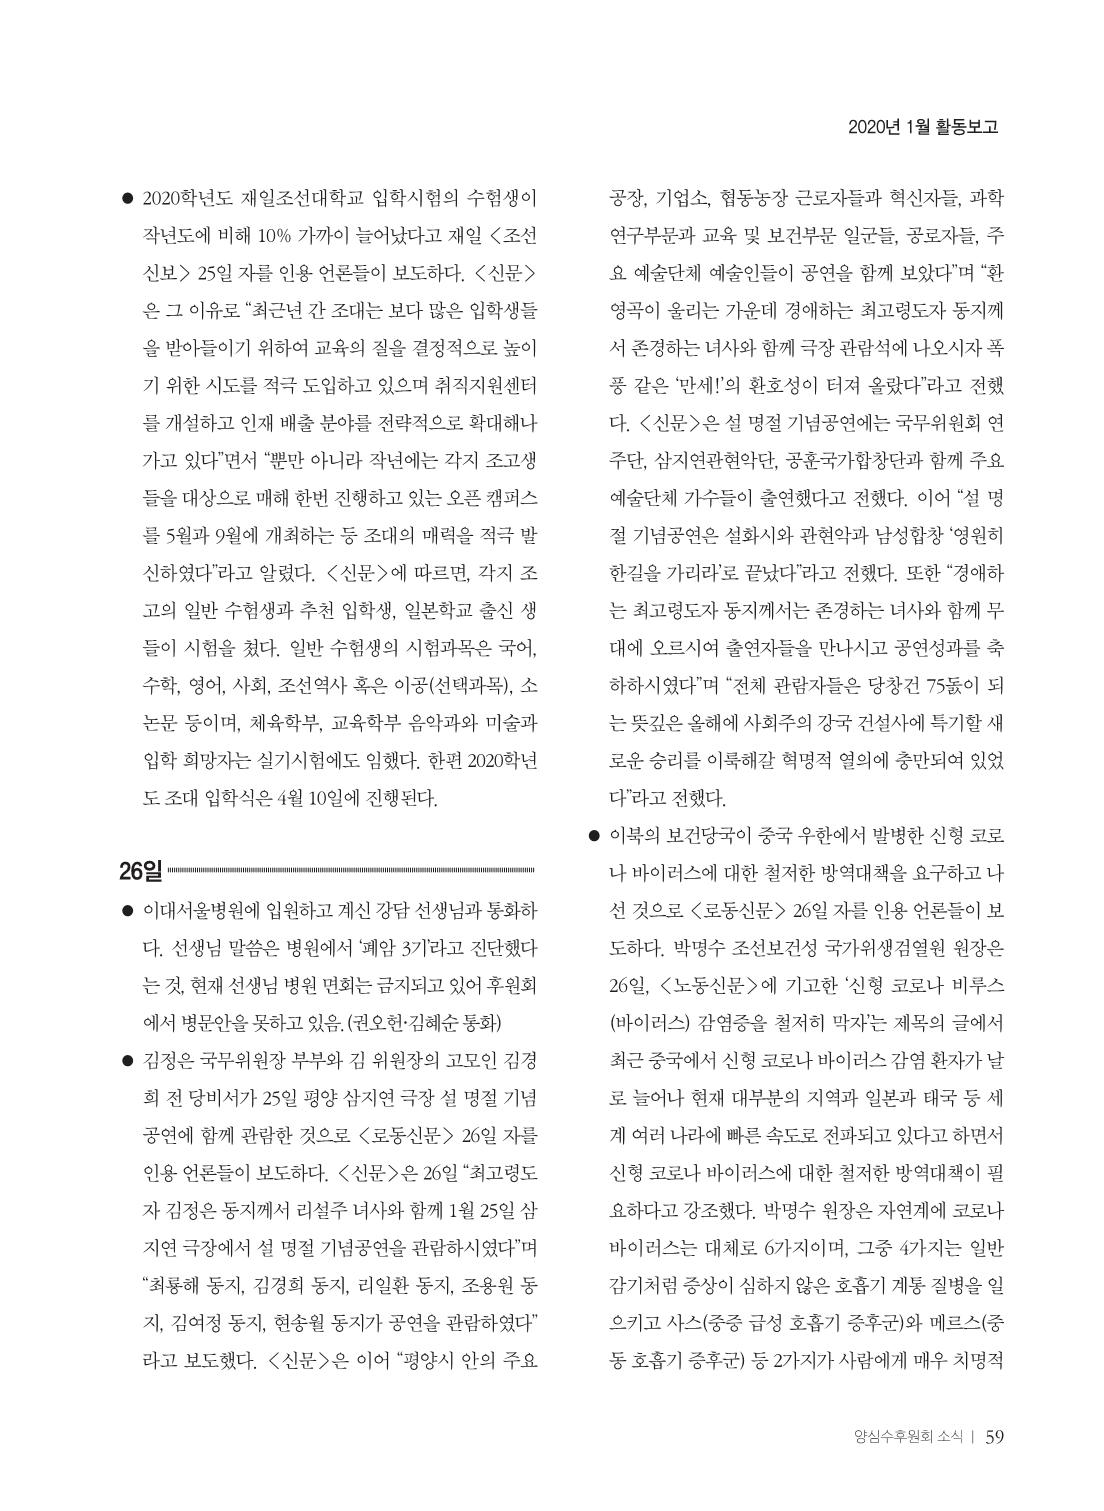 c3a550e7-2d95-46c0-bdec-64c56104ebf4.pdf-0061.png